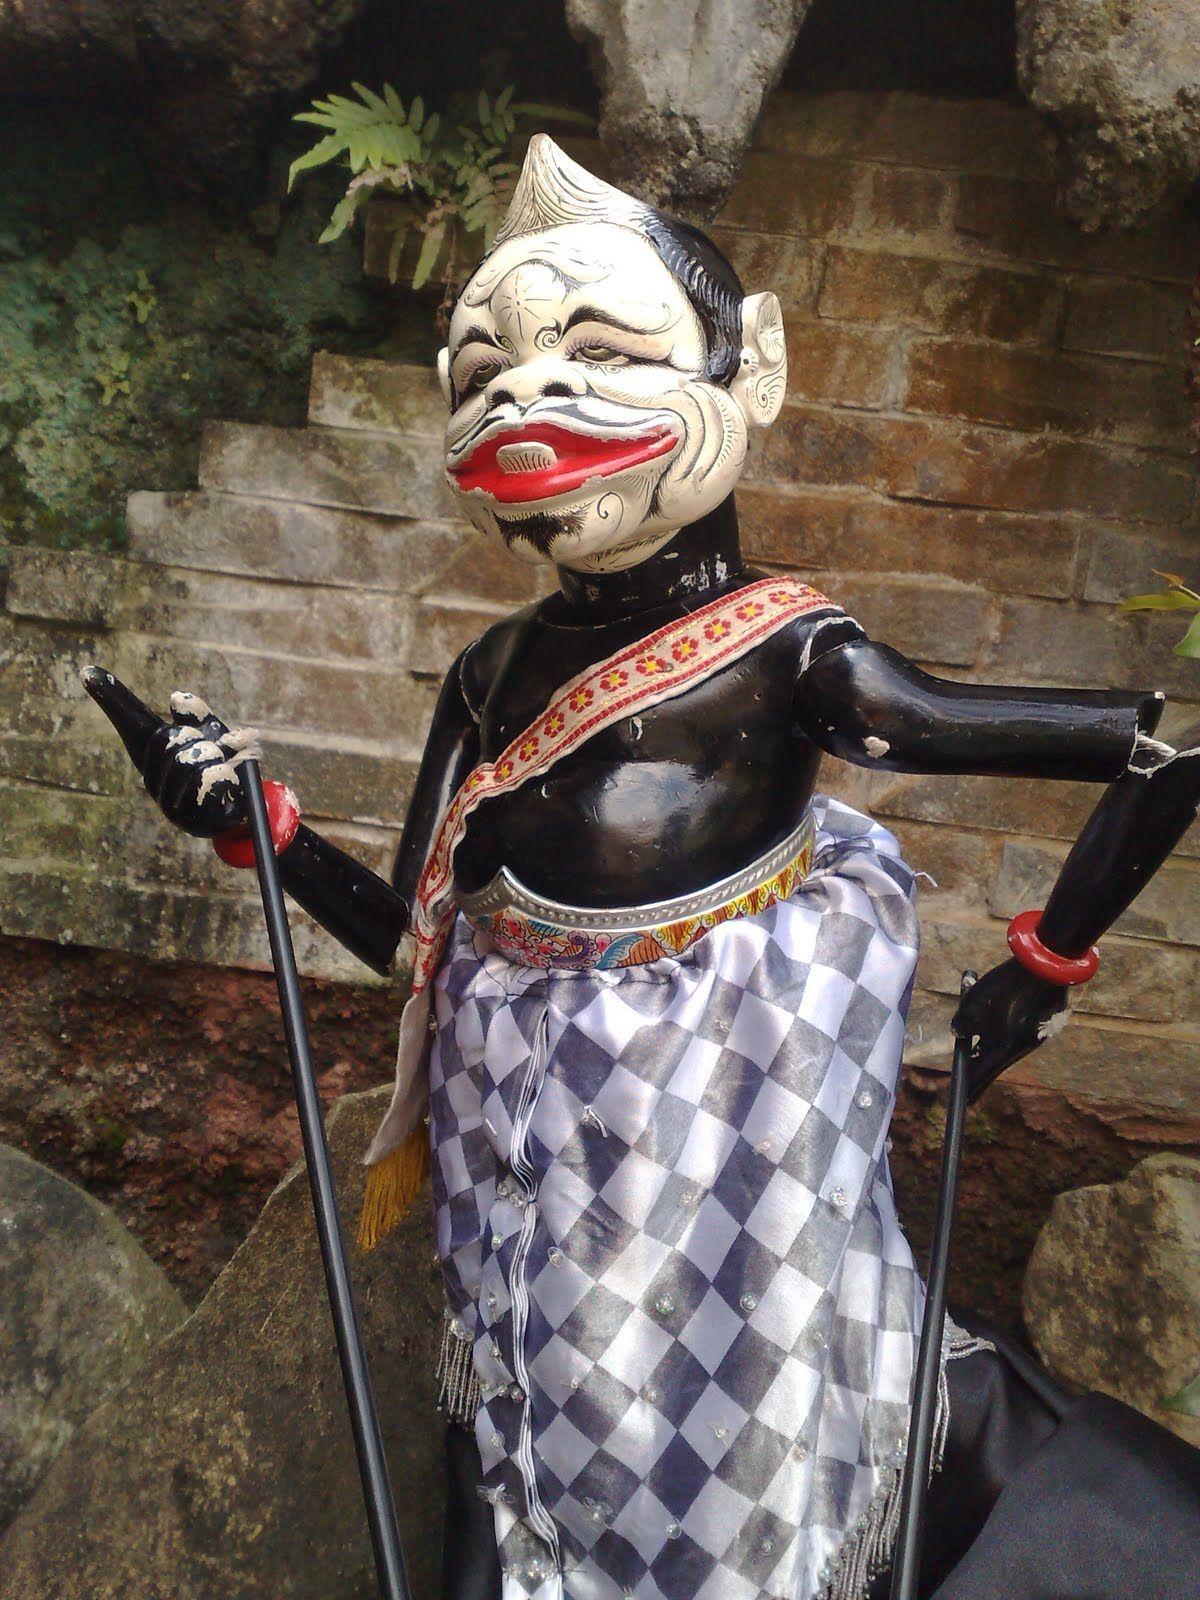 Tokoh Karakter Semar Badranaya Wayang Wayanggolek Wayang Golek Dec Sundanese Giriharja Sunda Culture Indonesia Tradit Di 2020 Seni Gambar Indonesia